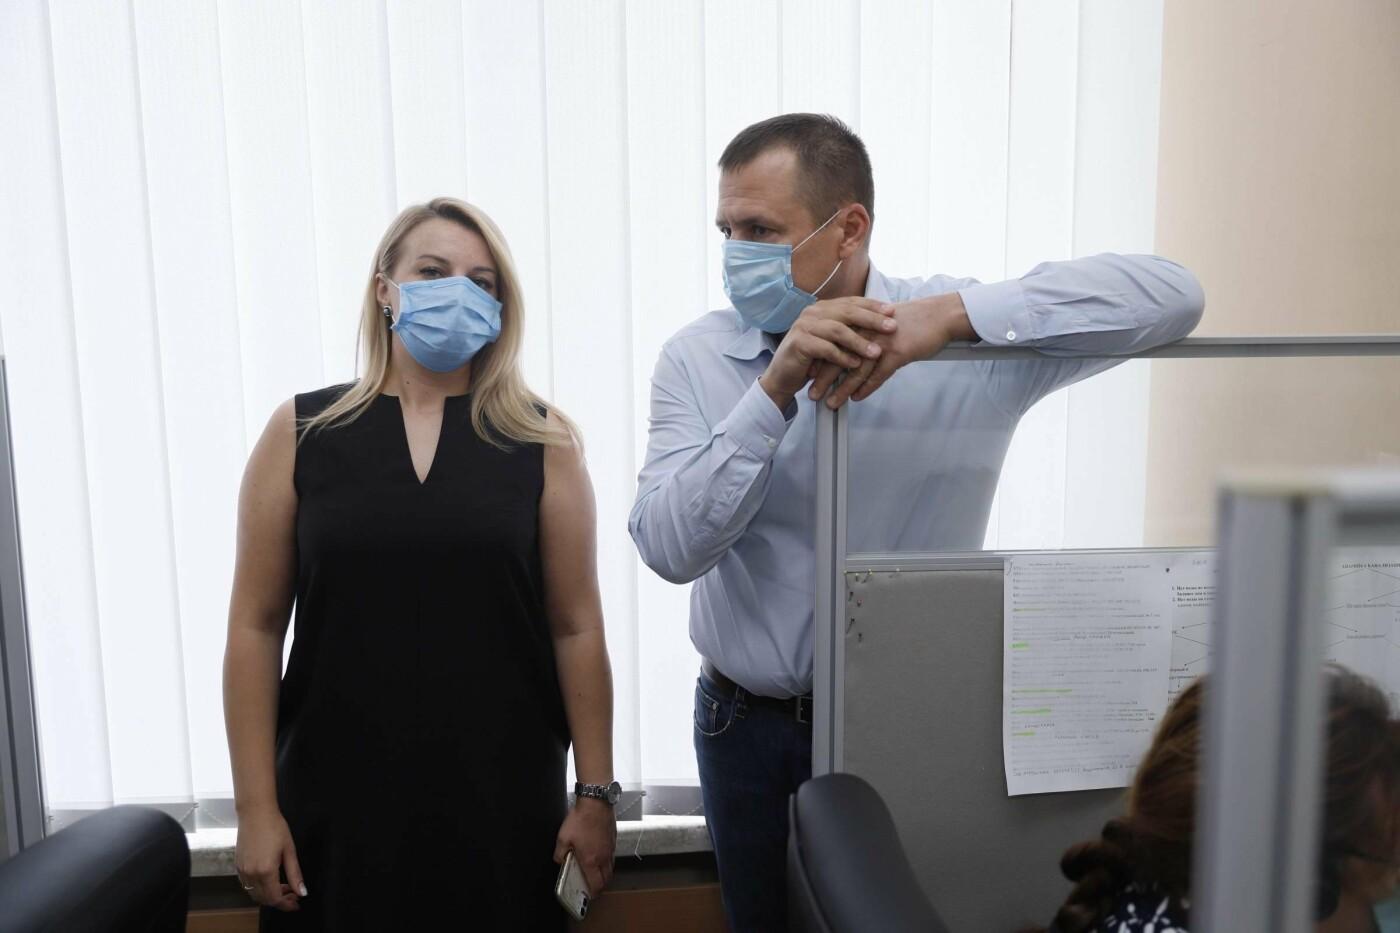 Борис Филатов: Контакт-центры Днепра являются передовой борьбой с коммунальными проблемами, фото-1